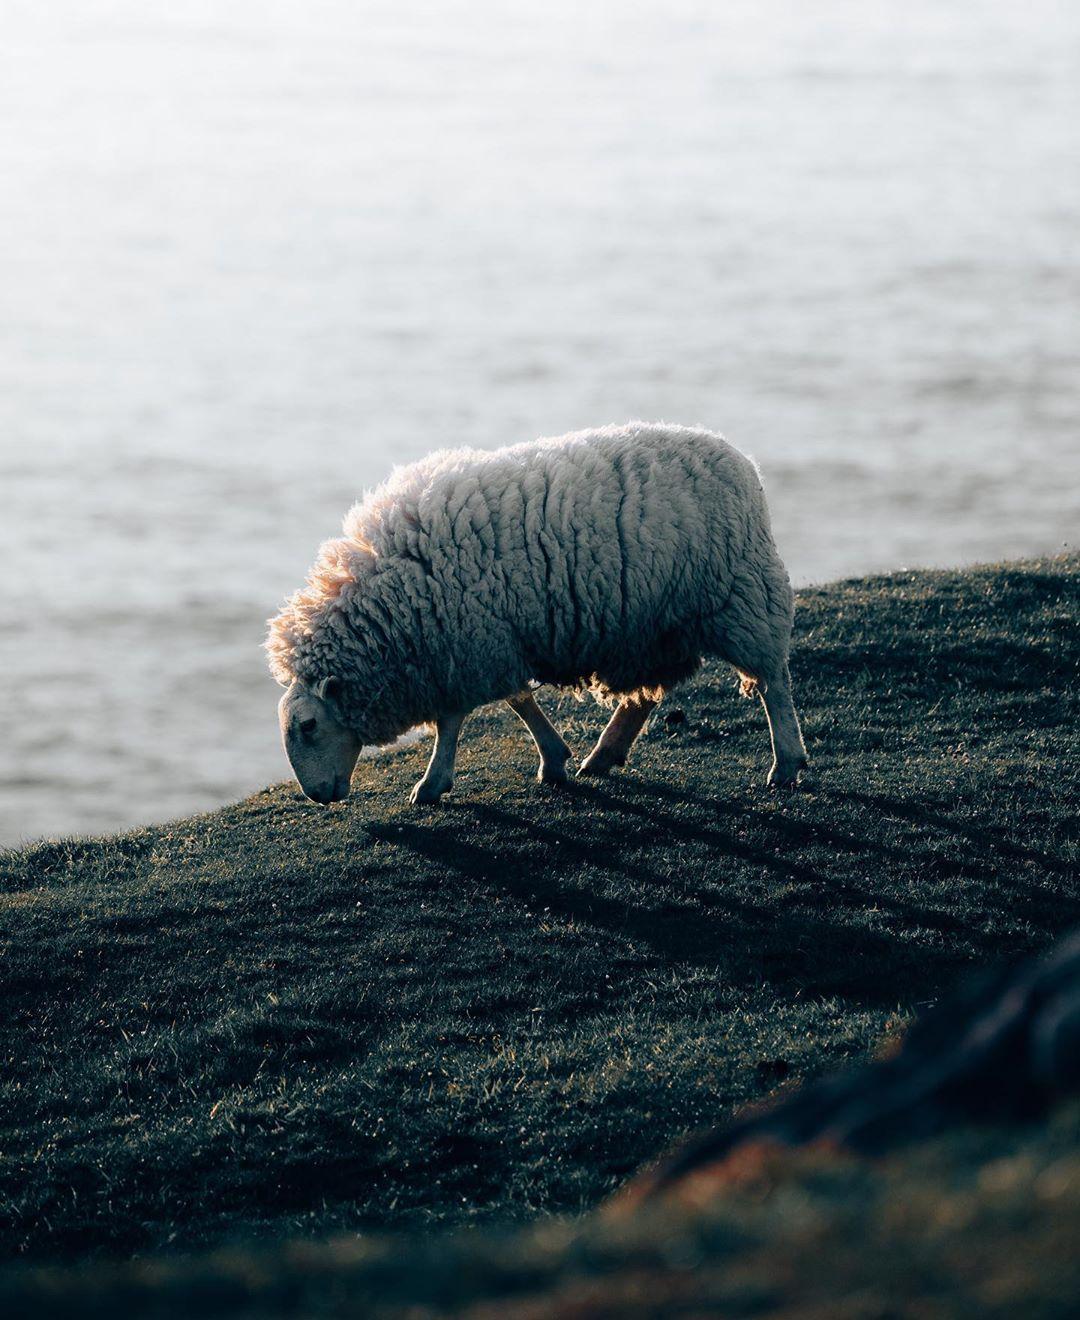 Пейзажи, животные и архитектура на снимках Филиппа Пилца